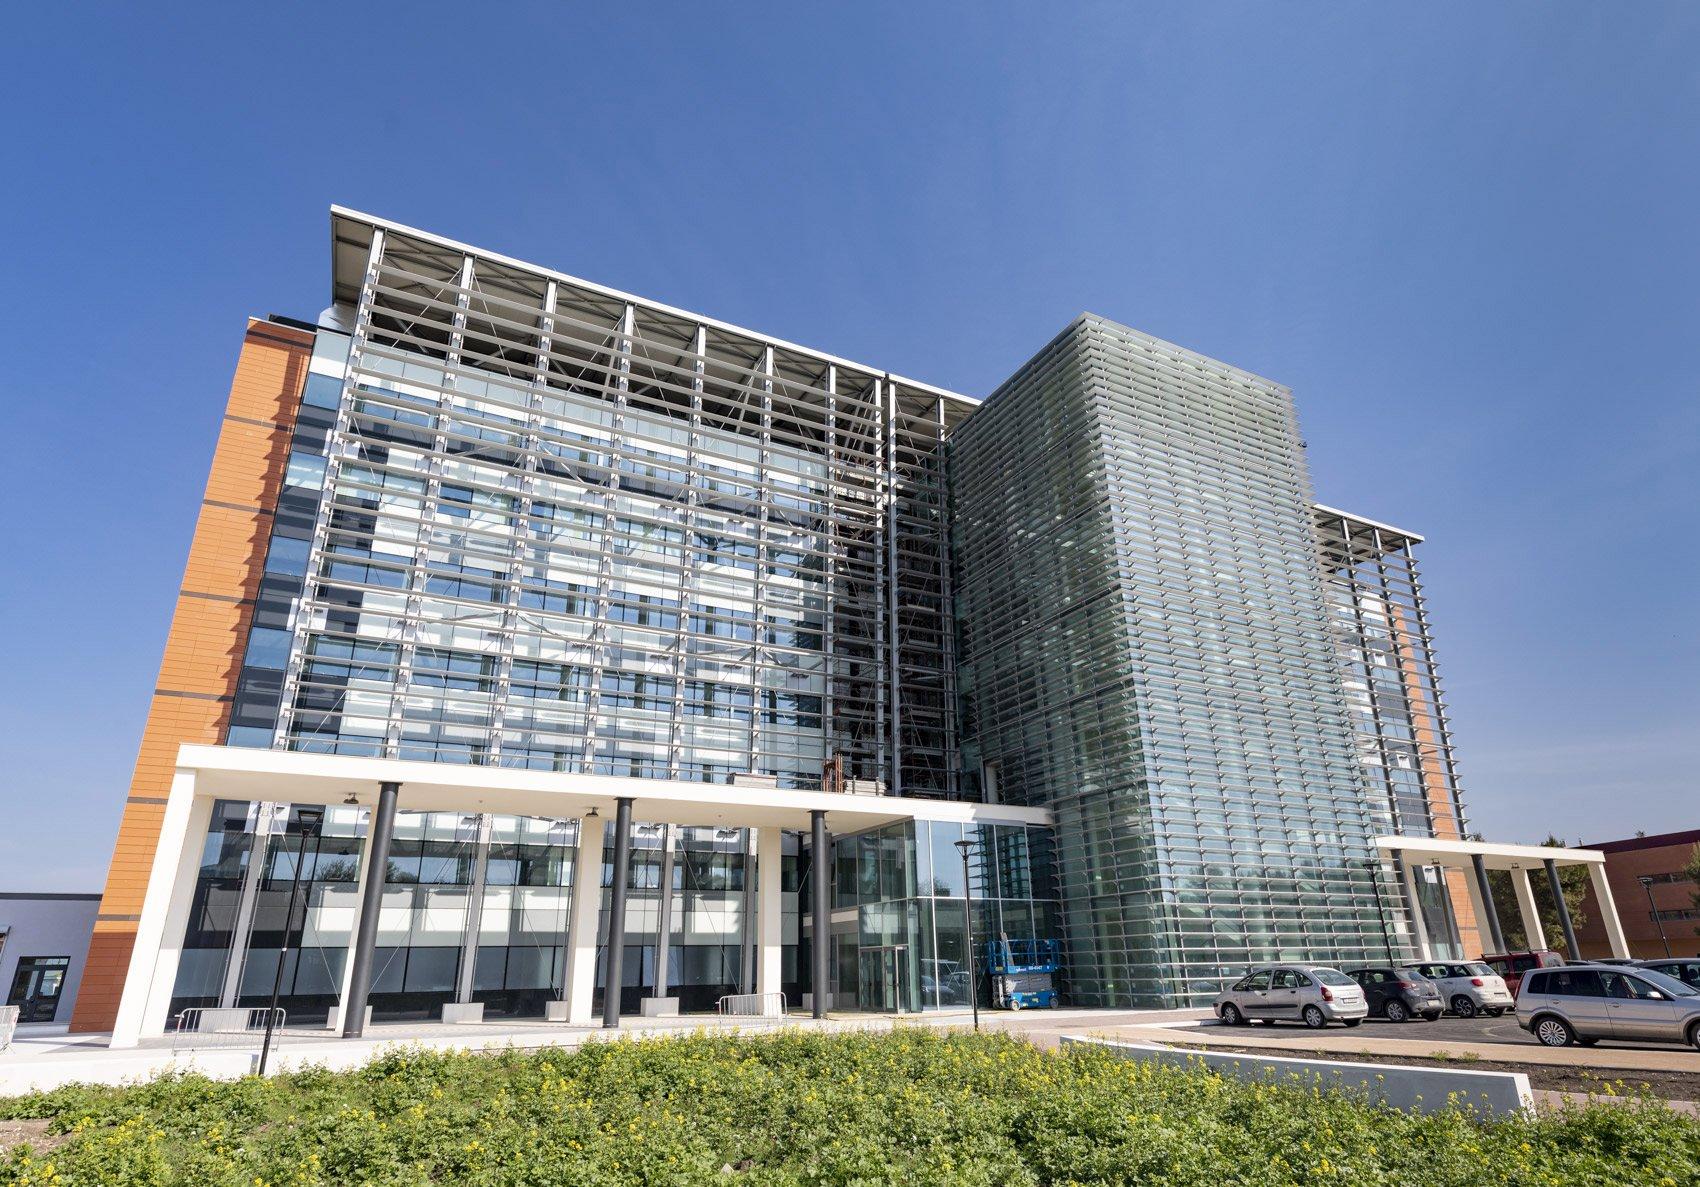 Dipartimento Emergenza Urgenza (DEU) Courtesy Saint-Gobain Glass